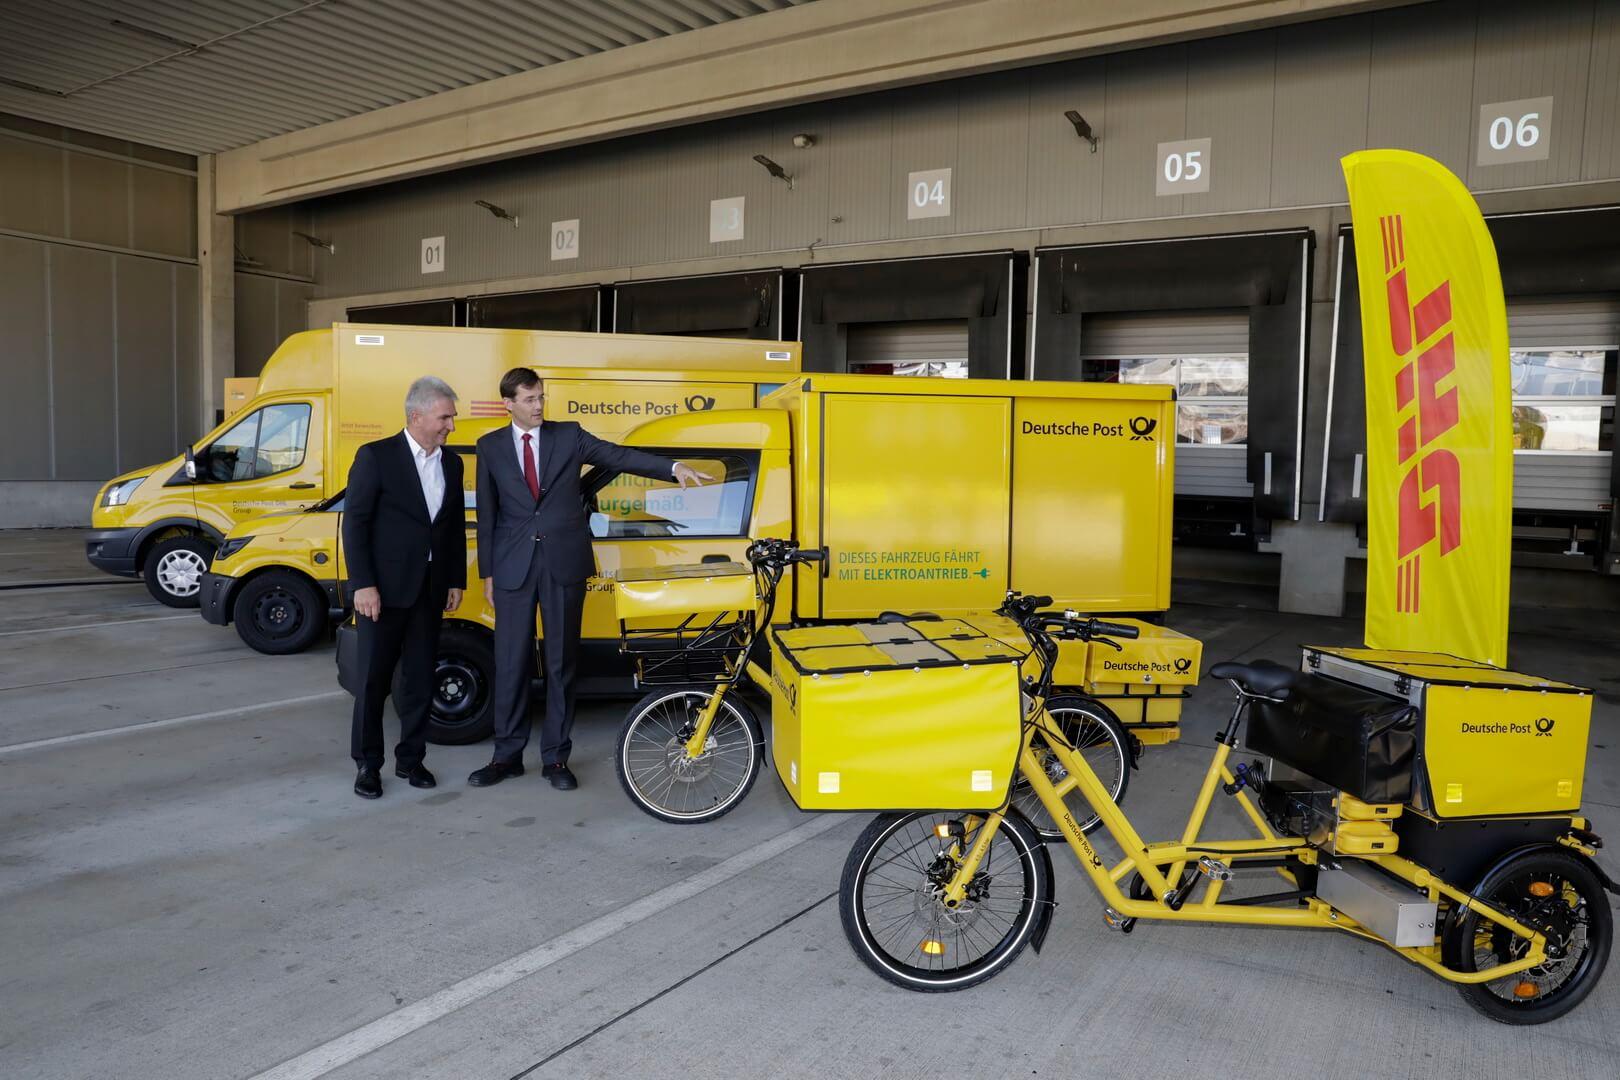 Электрифицированный транспорт DHL